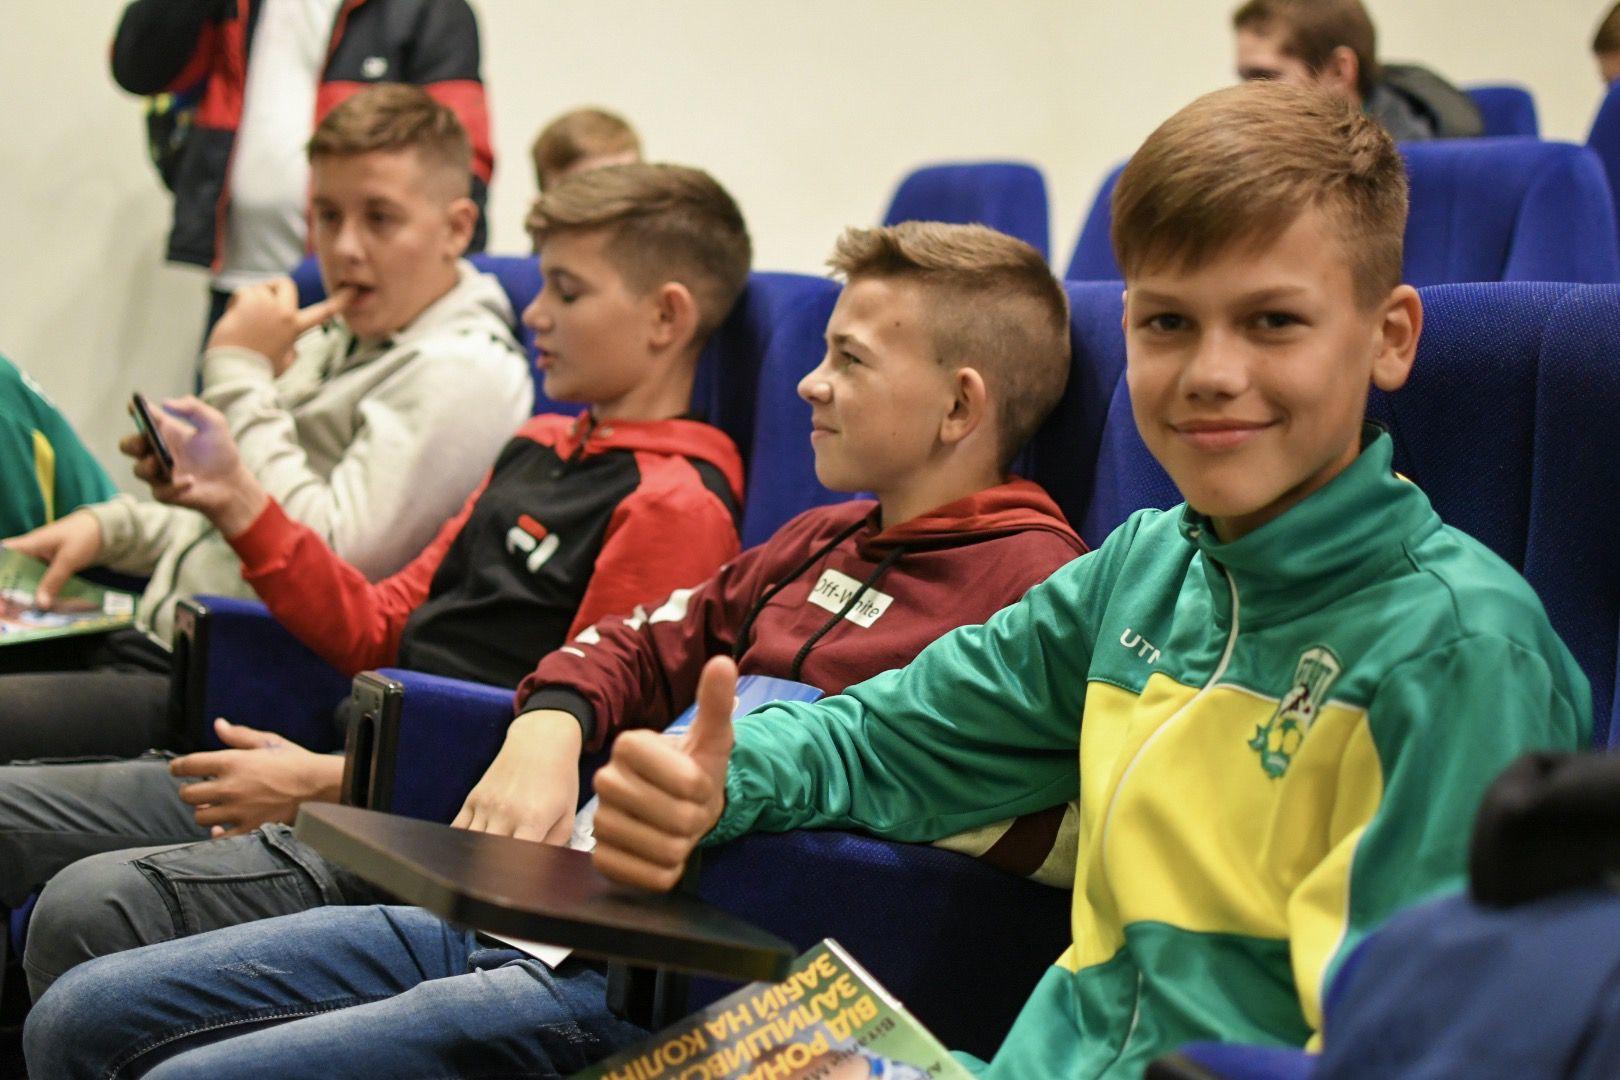 Немецкий опыт в украинских реалиях. Денис Сурма помог создать академию в Ильинцах, работая детским тренером в Трире - изображение 10